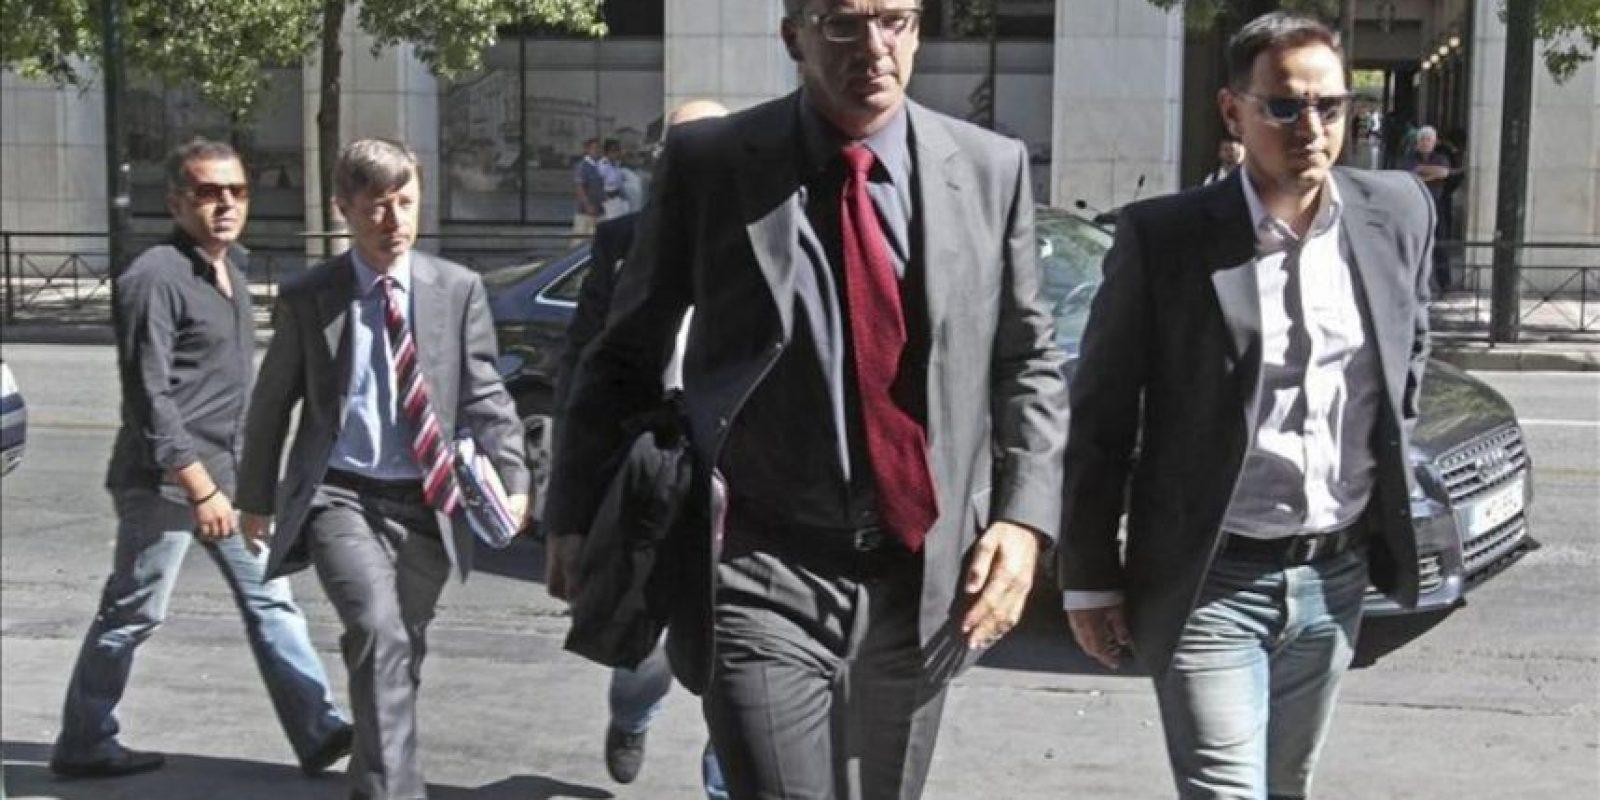 El representante de la Comisión Europea, Matthias Mors (2i) y el del Banco Central Europeo Klaus Masuch (c) a su llegada a la sede del ministerio de Empleo en Atenas, el pasado 2 de octubre. EFE/Archivo